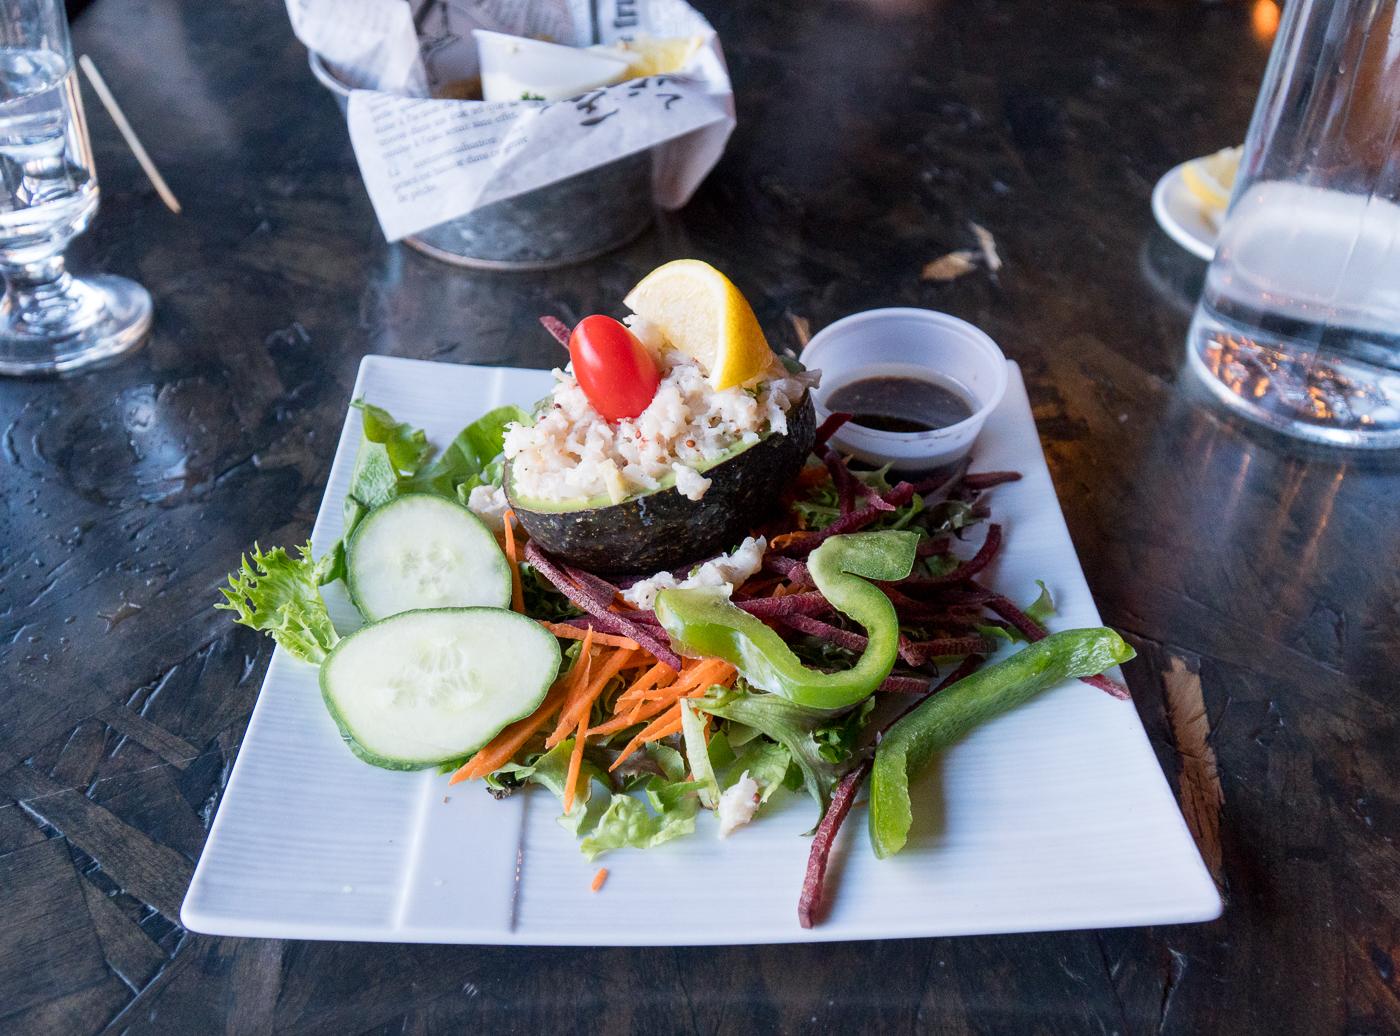 Entrée d'avocat avec crevettes de l'Établi Brasserie Urbaine - Où manger à Drummondville Québec